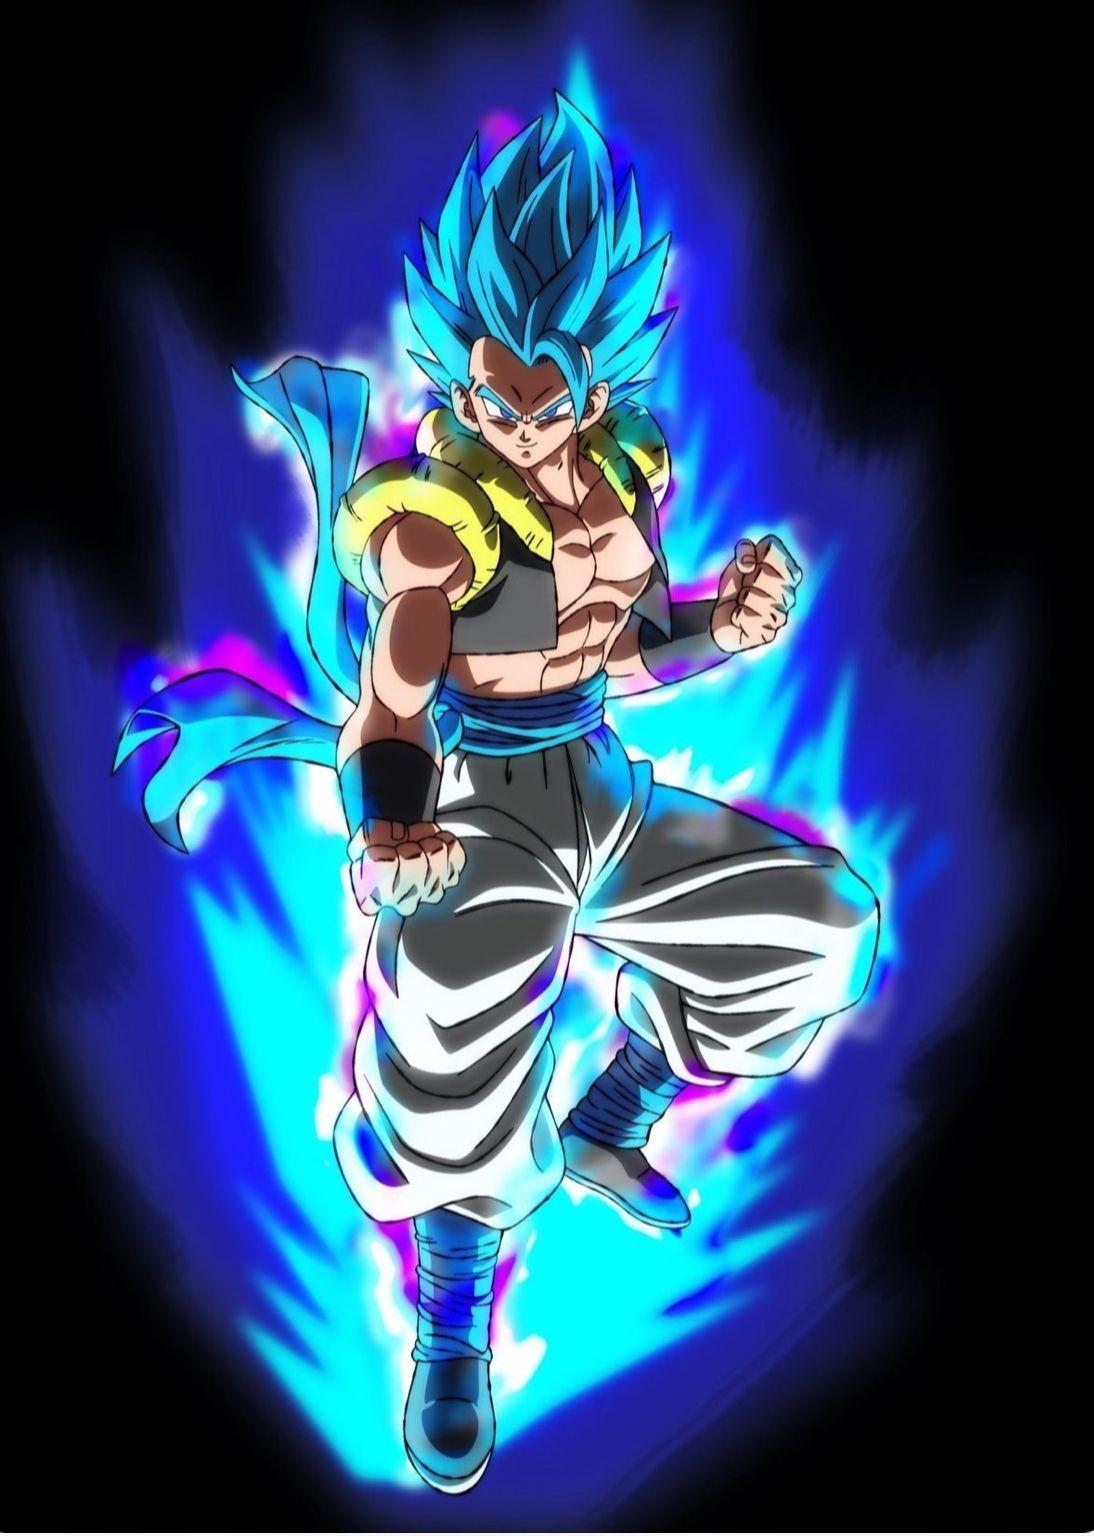 Pin de DHYAN Nimbark em DBZ em 2020 Personagens de anime